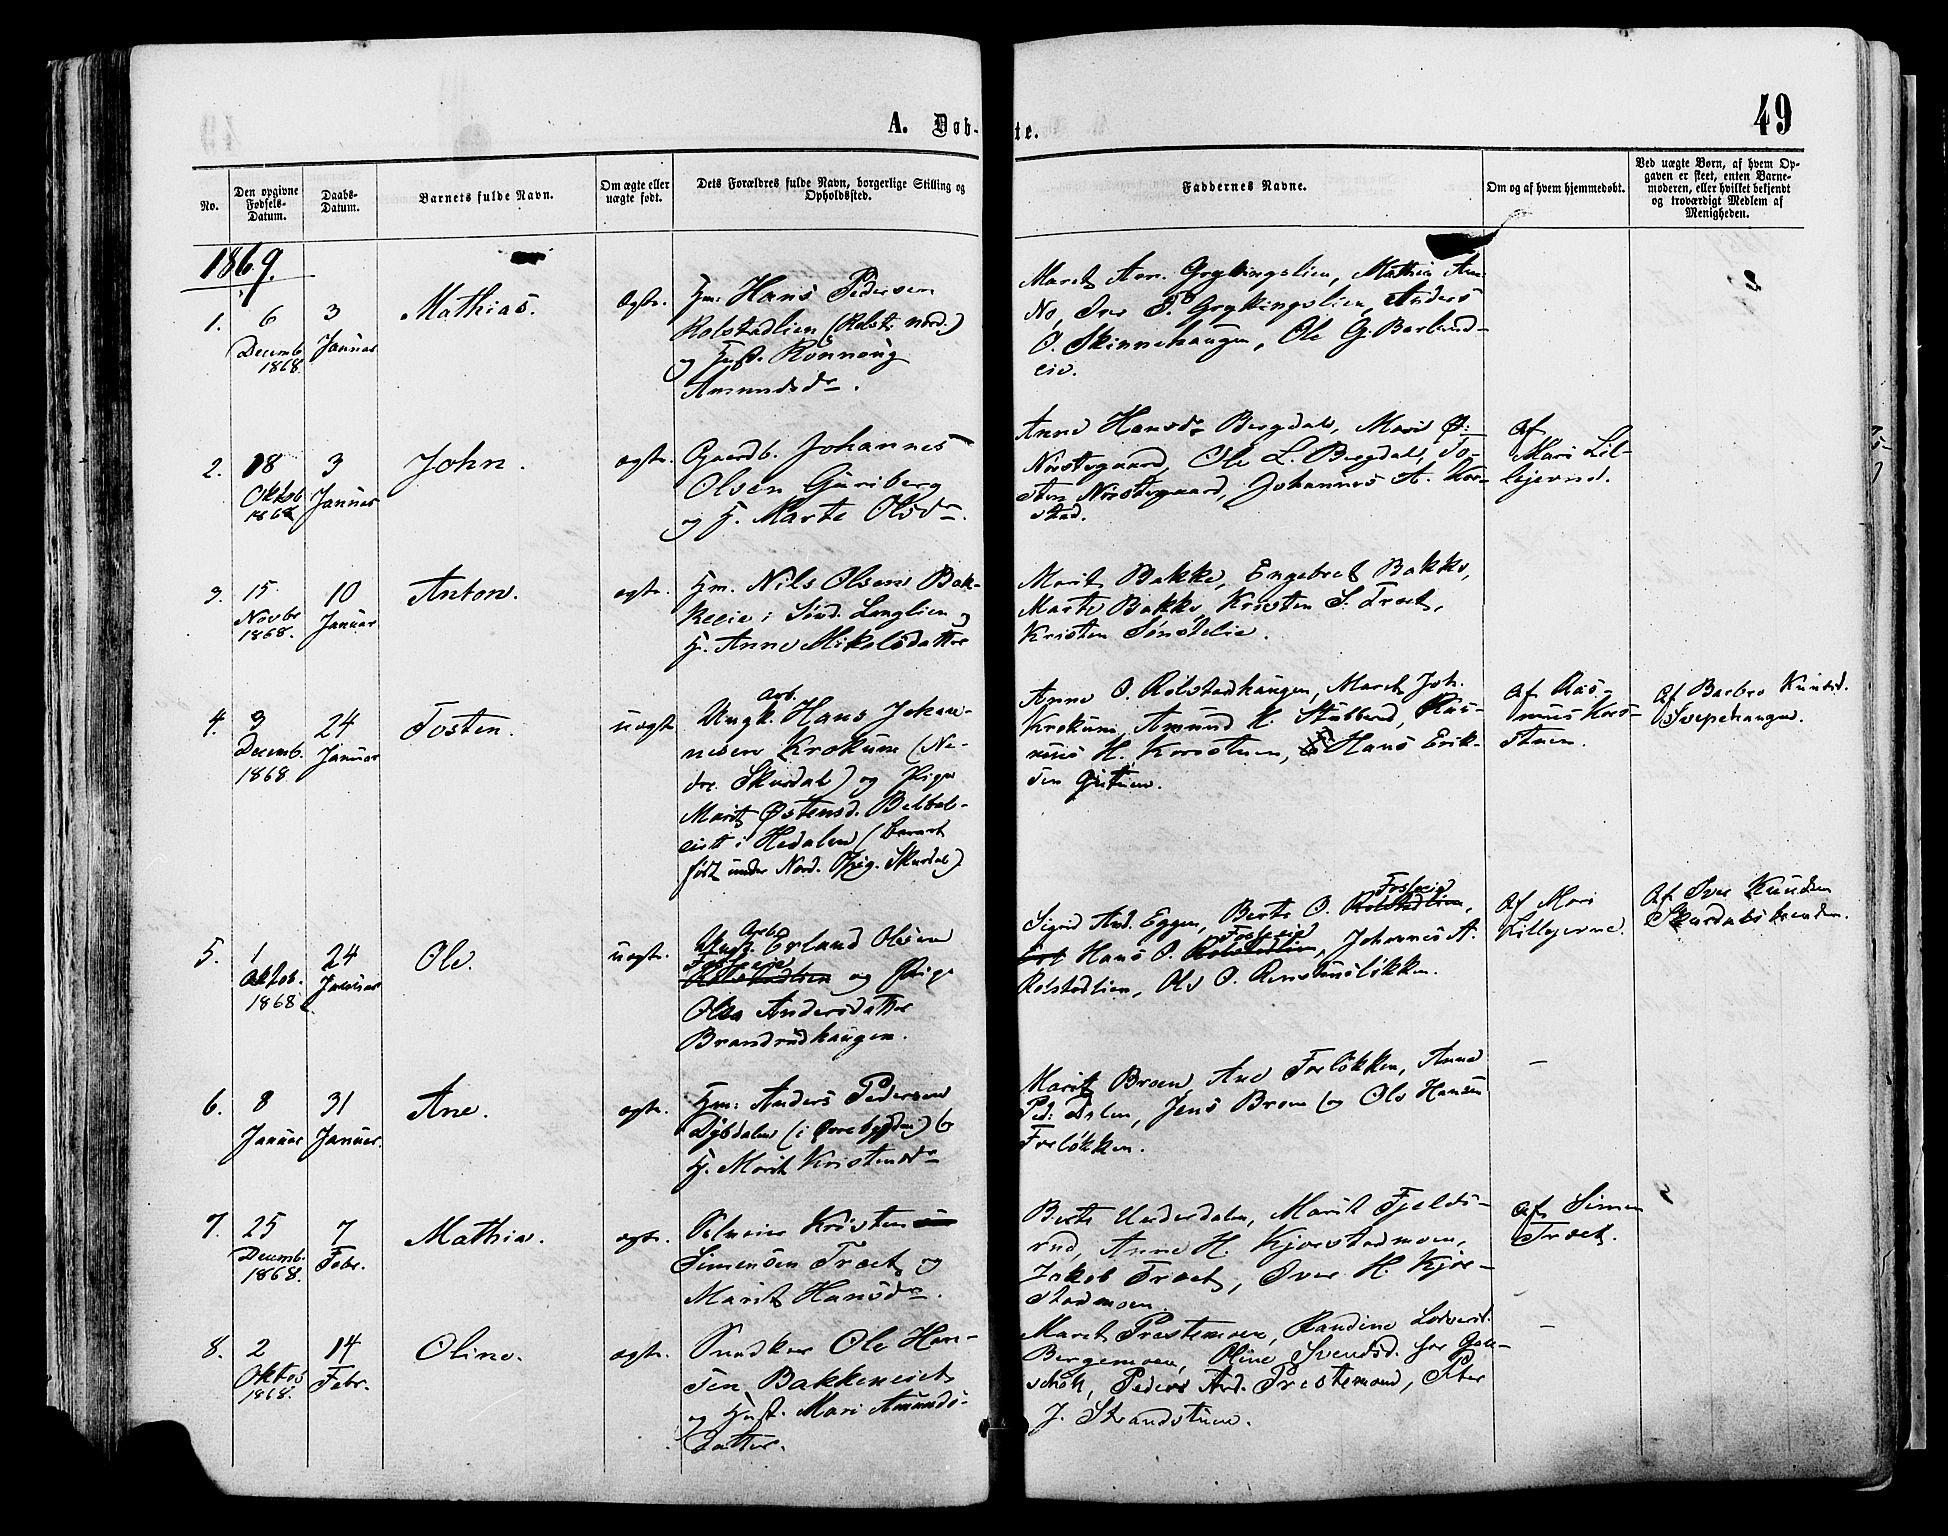 SAH, Sør-Fron prestekontor, H/Ha/Haa/L0002: Ministerialbok nr. 2, 1864-1880, s. 49